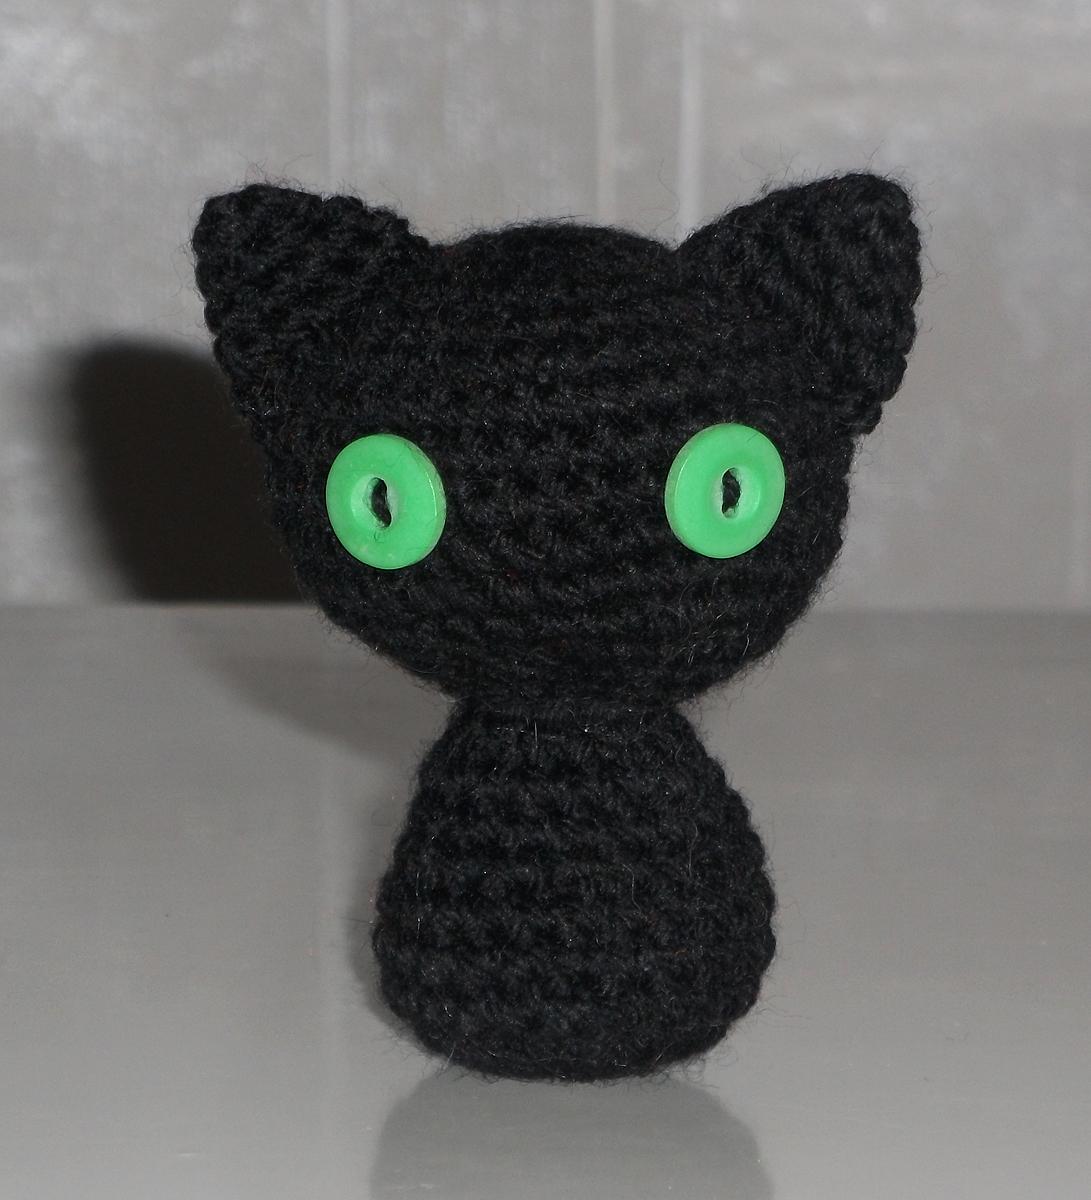 Amigurumi Yoshi Ohje : Strange or Cute: Kissa ja nalle amigurumi (ohje)